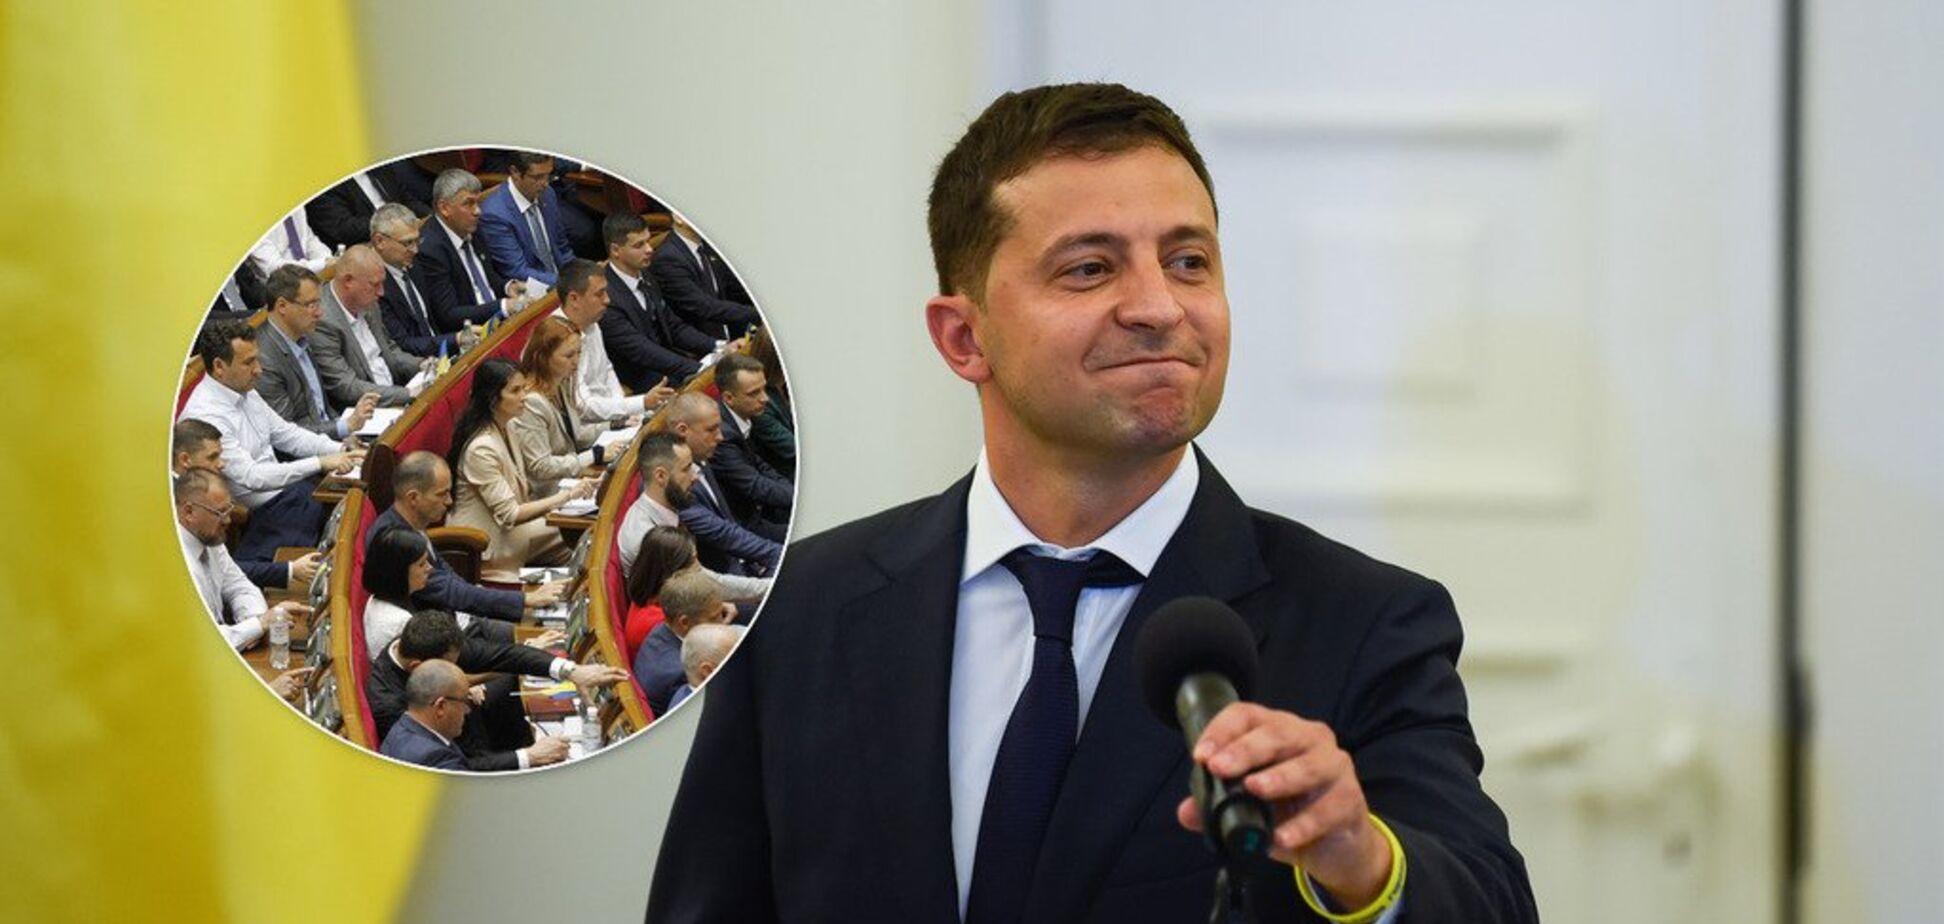 Импичмент с подвохом: почему уволить Зеленского не получится